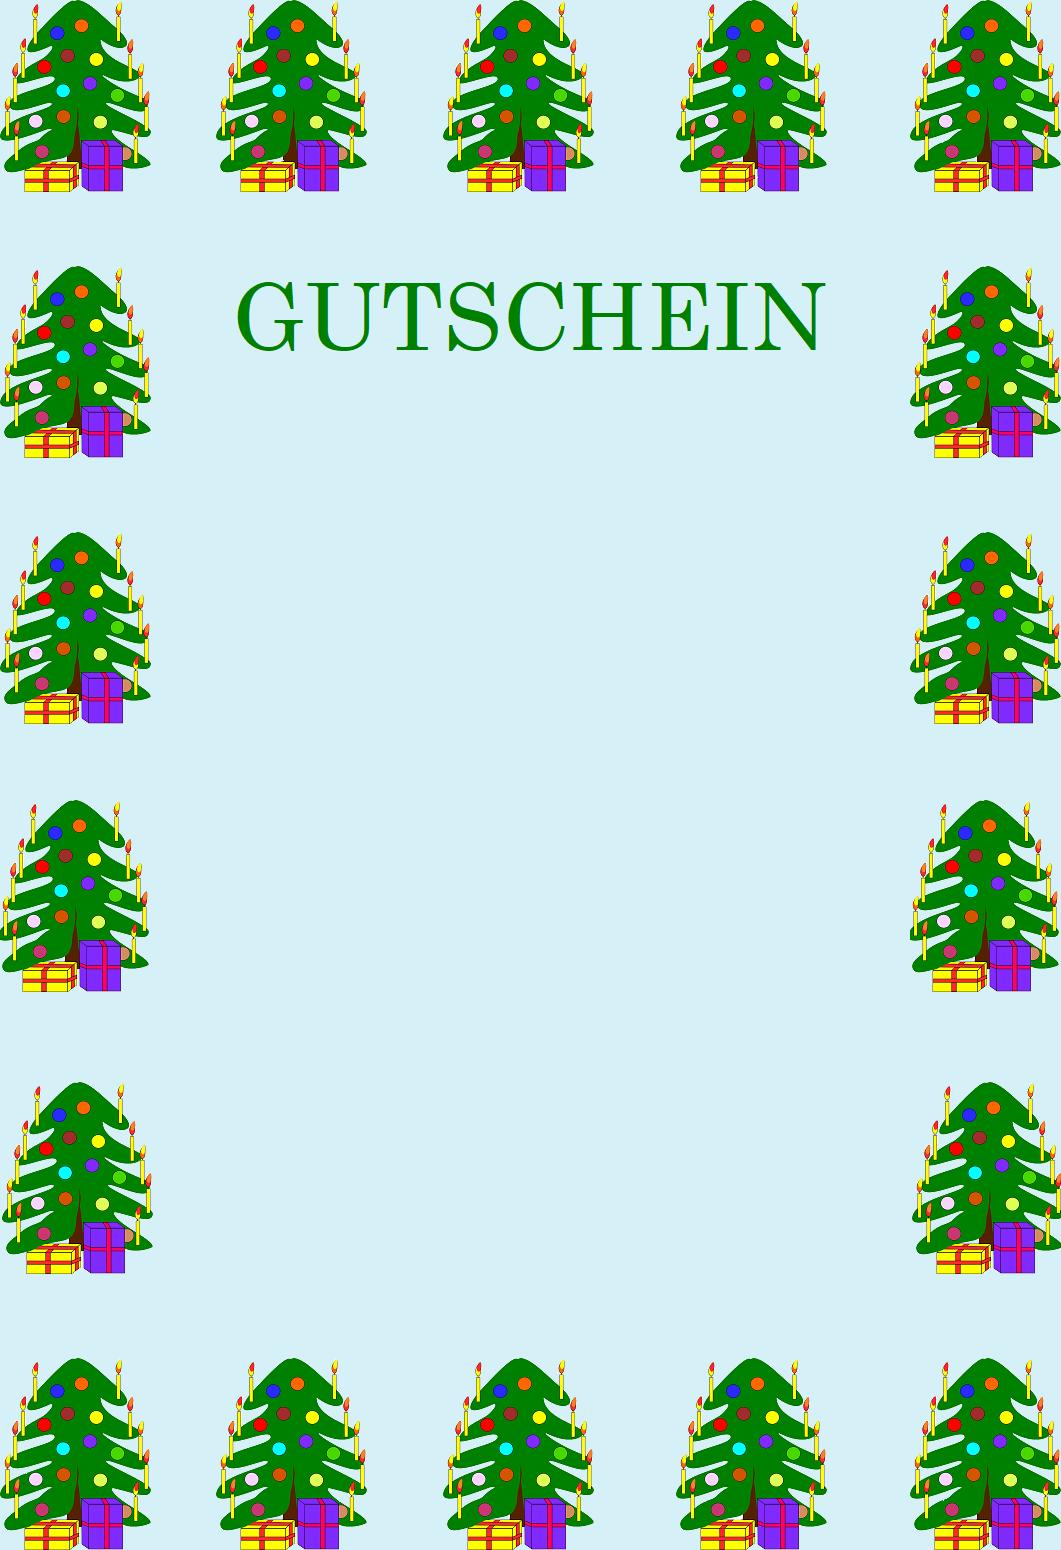 Gutscheinvorlagen zu Weihnachten - Gutscheinspruch.de